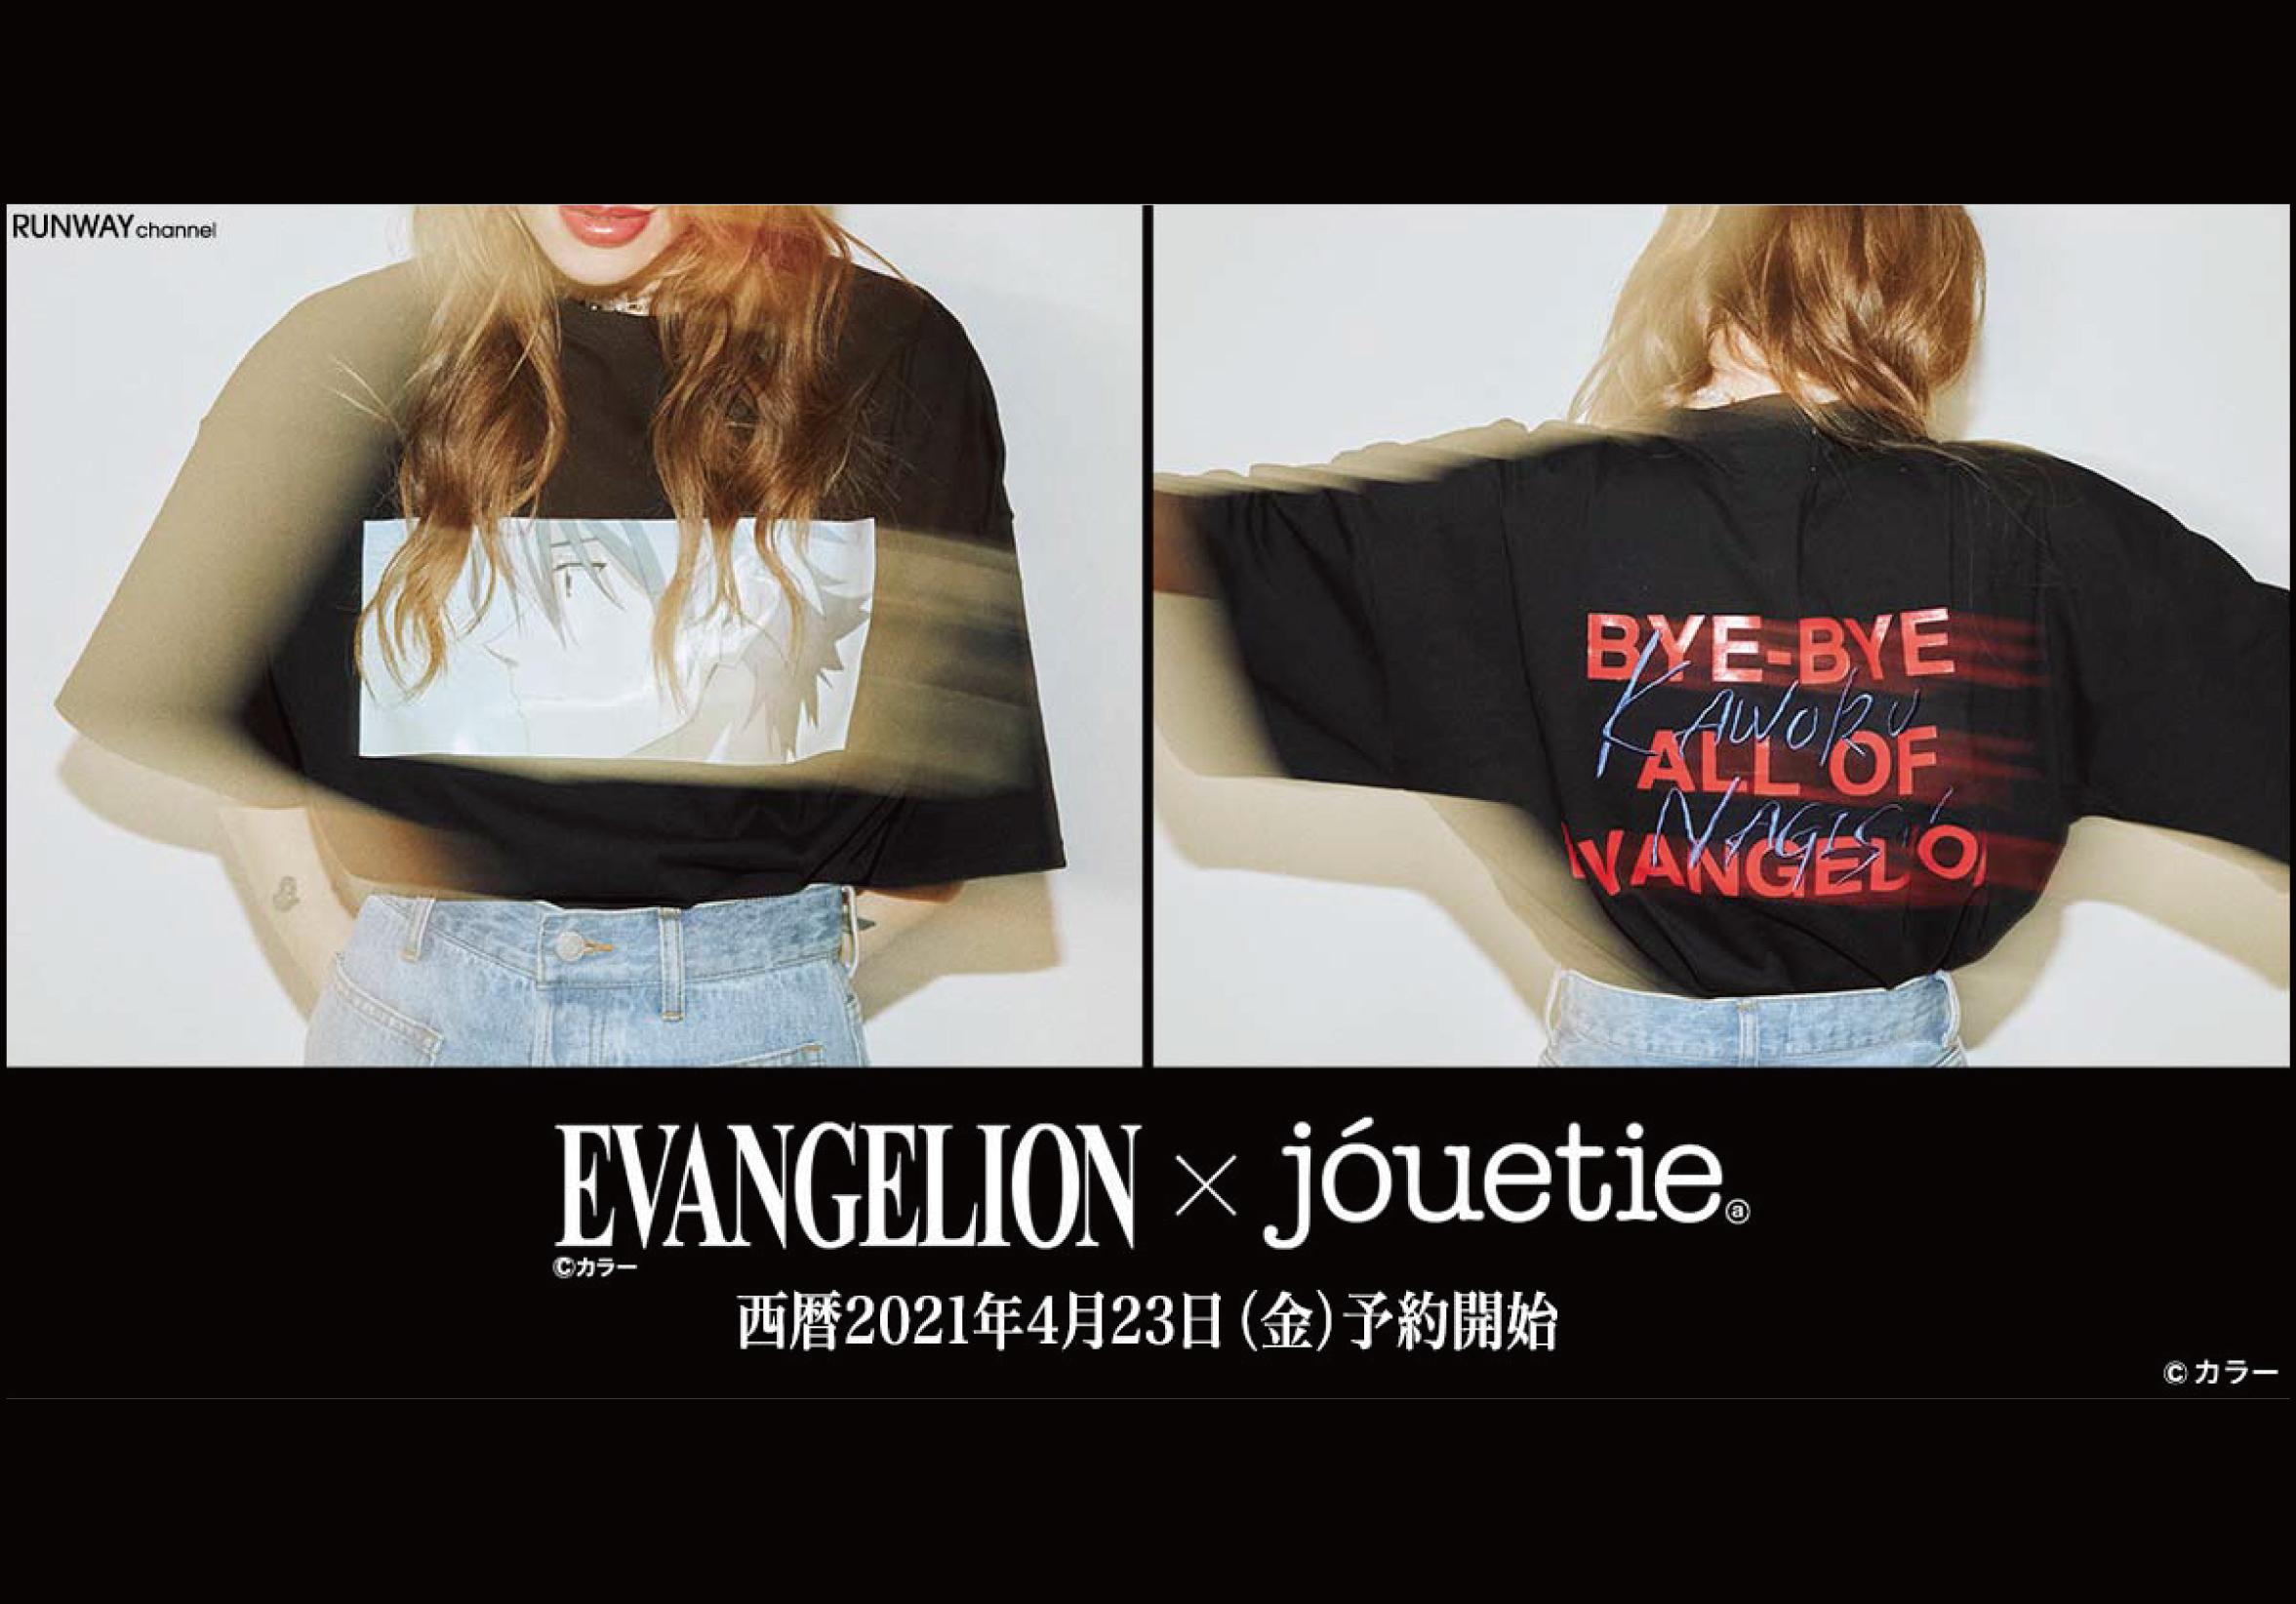 【EVANGELION×jouetie】